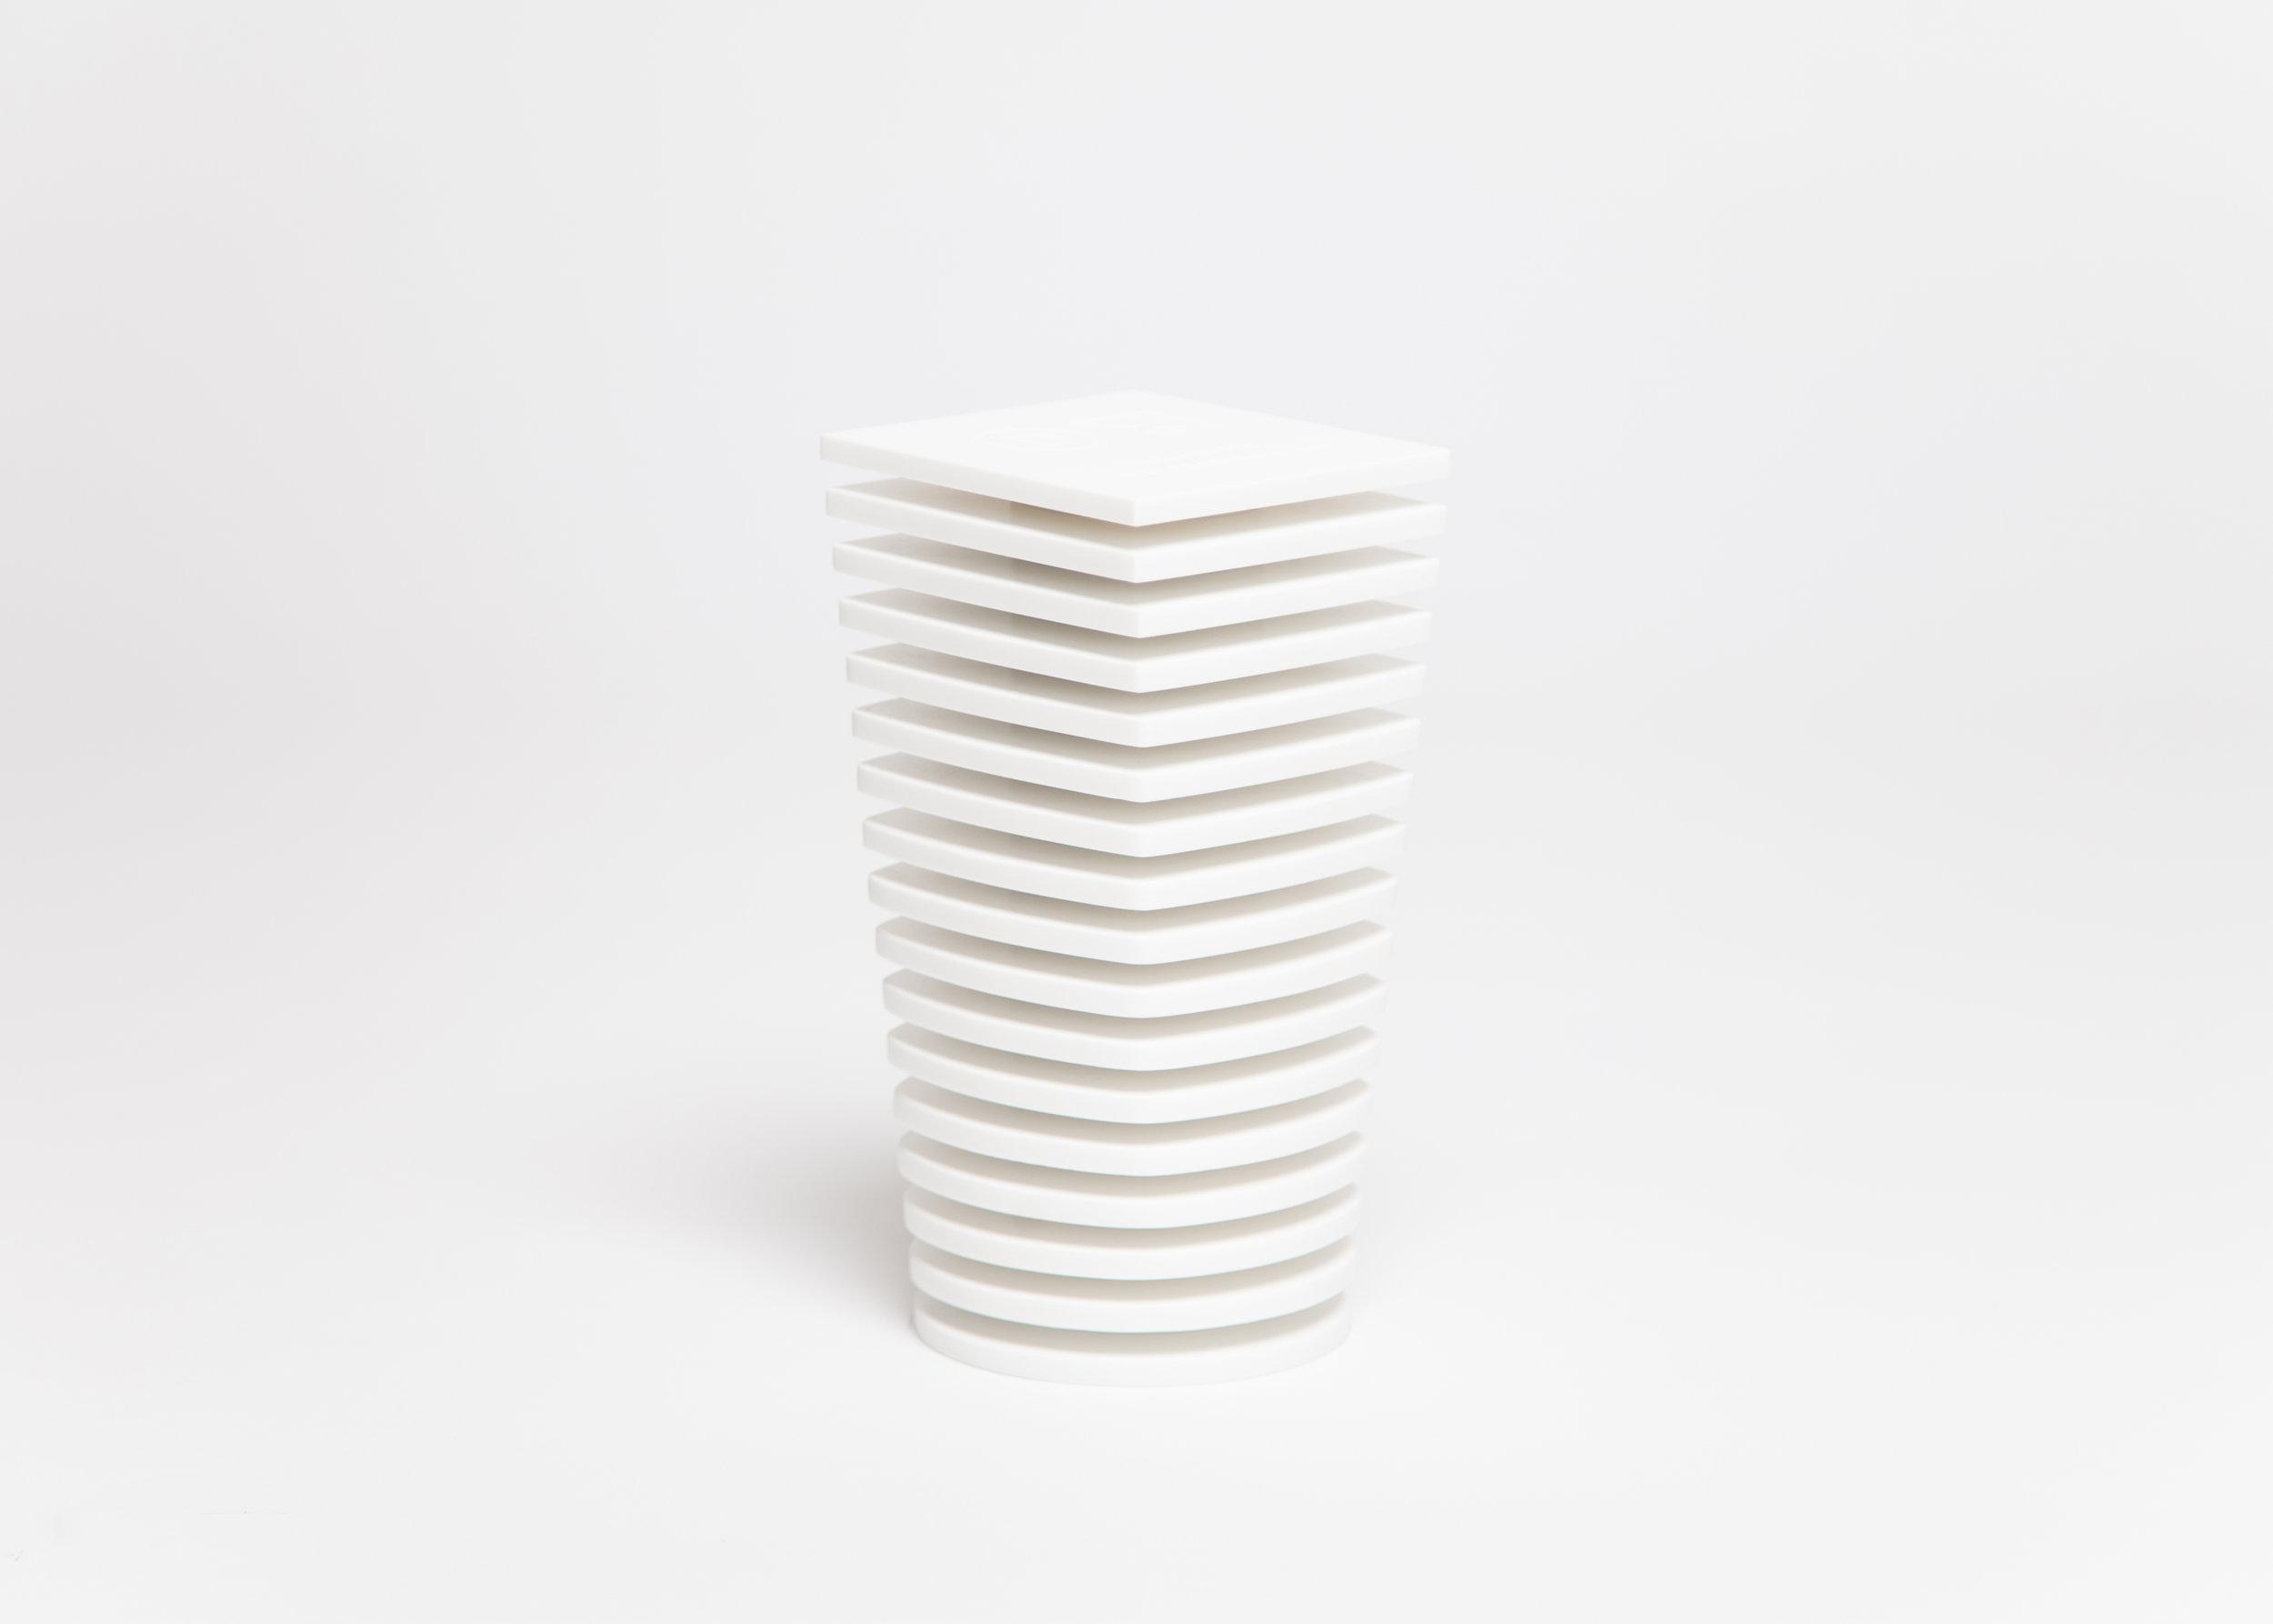 Thom Fougere Design Exchange Tyler Brûlé